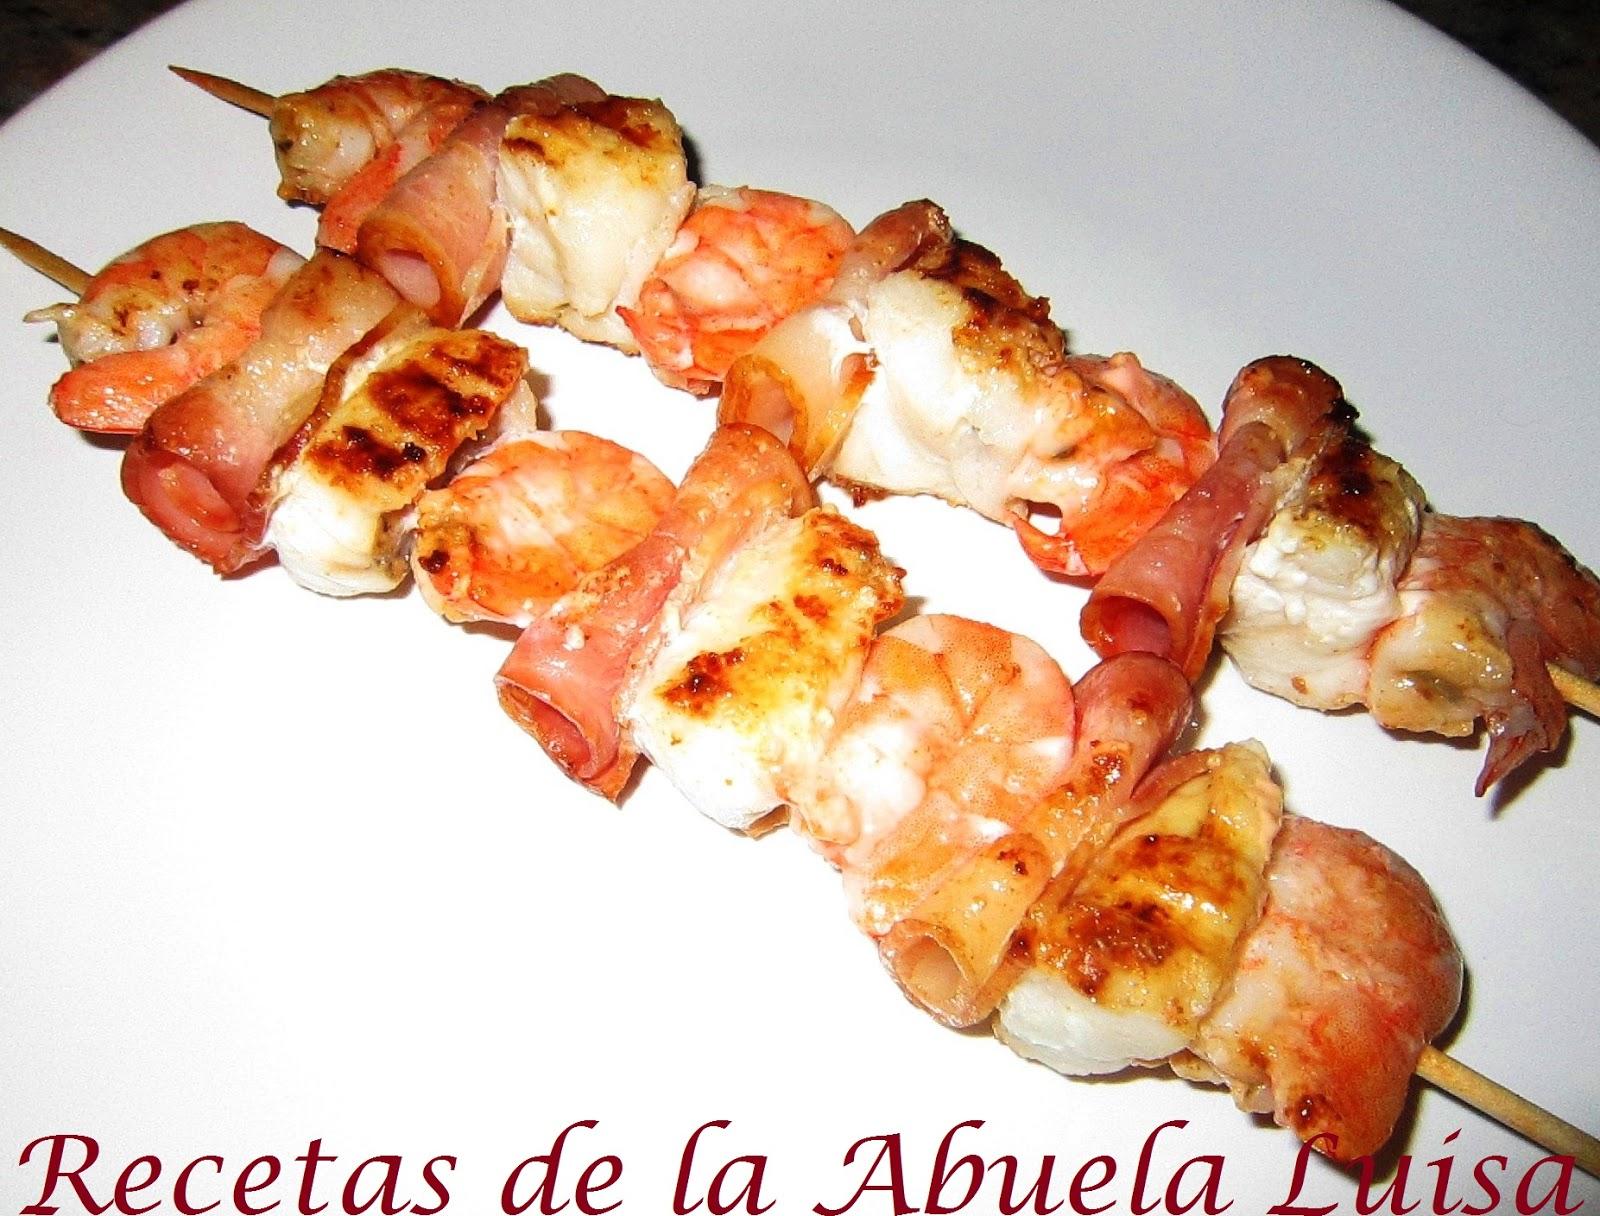 Brocheta de rape y langostinos recetas de la abuela luisa - Brocheta de langostinos y bacon ...